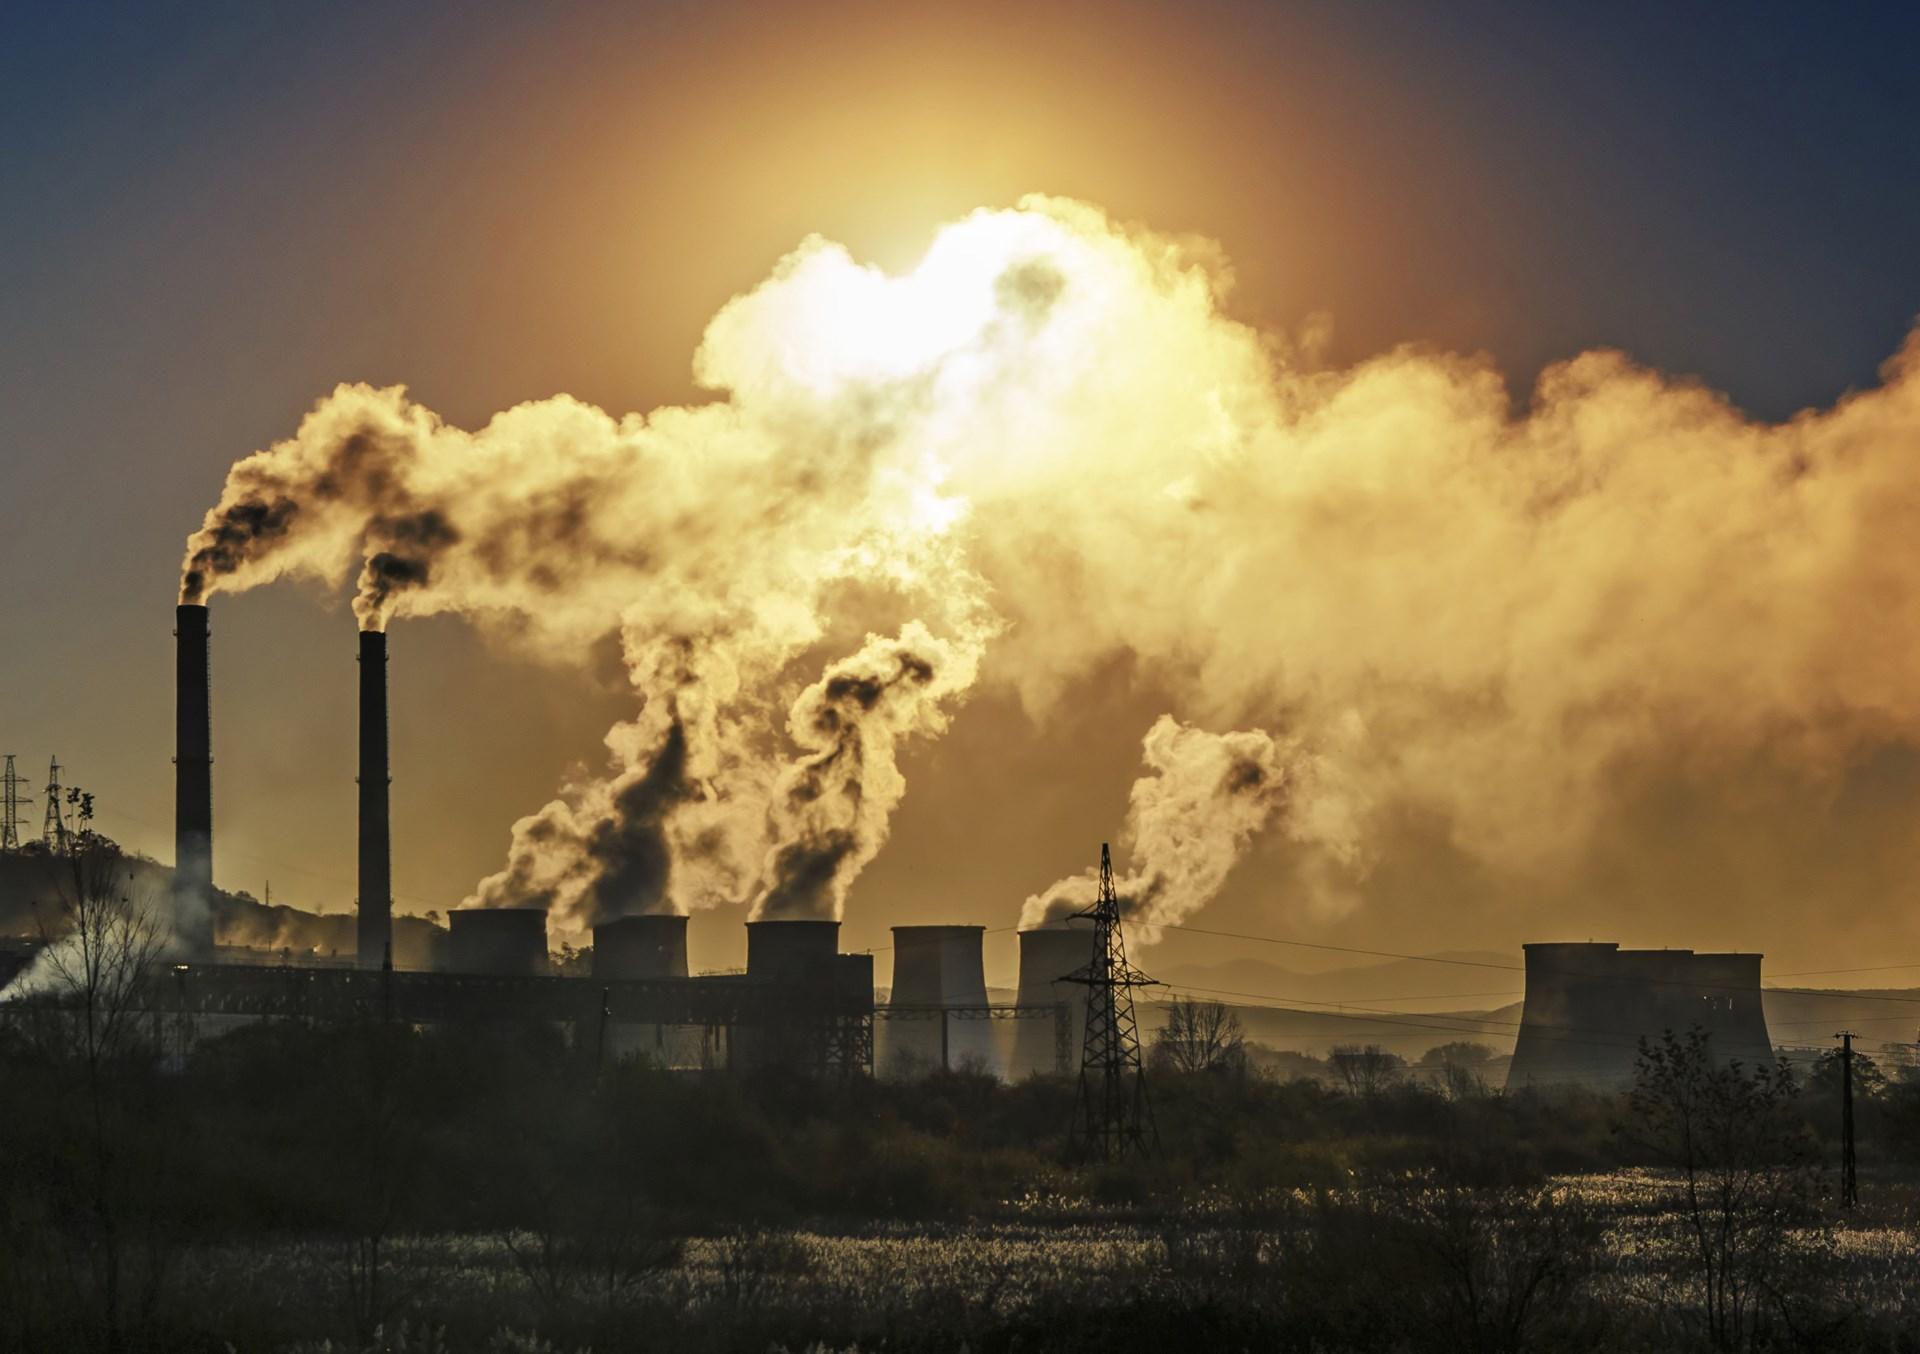 Новий проект в Україні створить кожній галузі-забруднювачу індивідуальні рекомендації щодо захисту довкілля